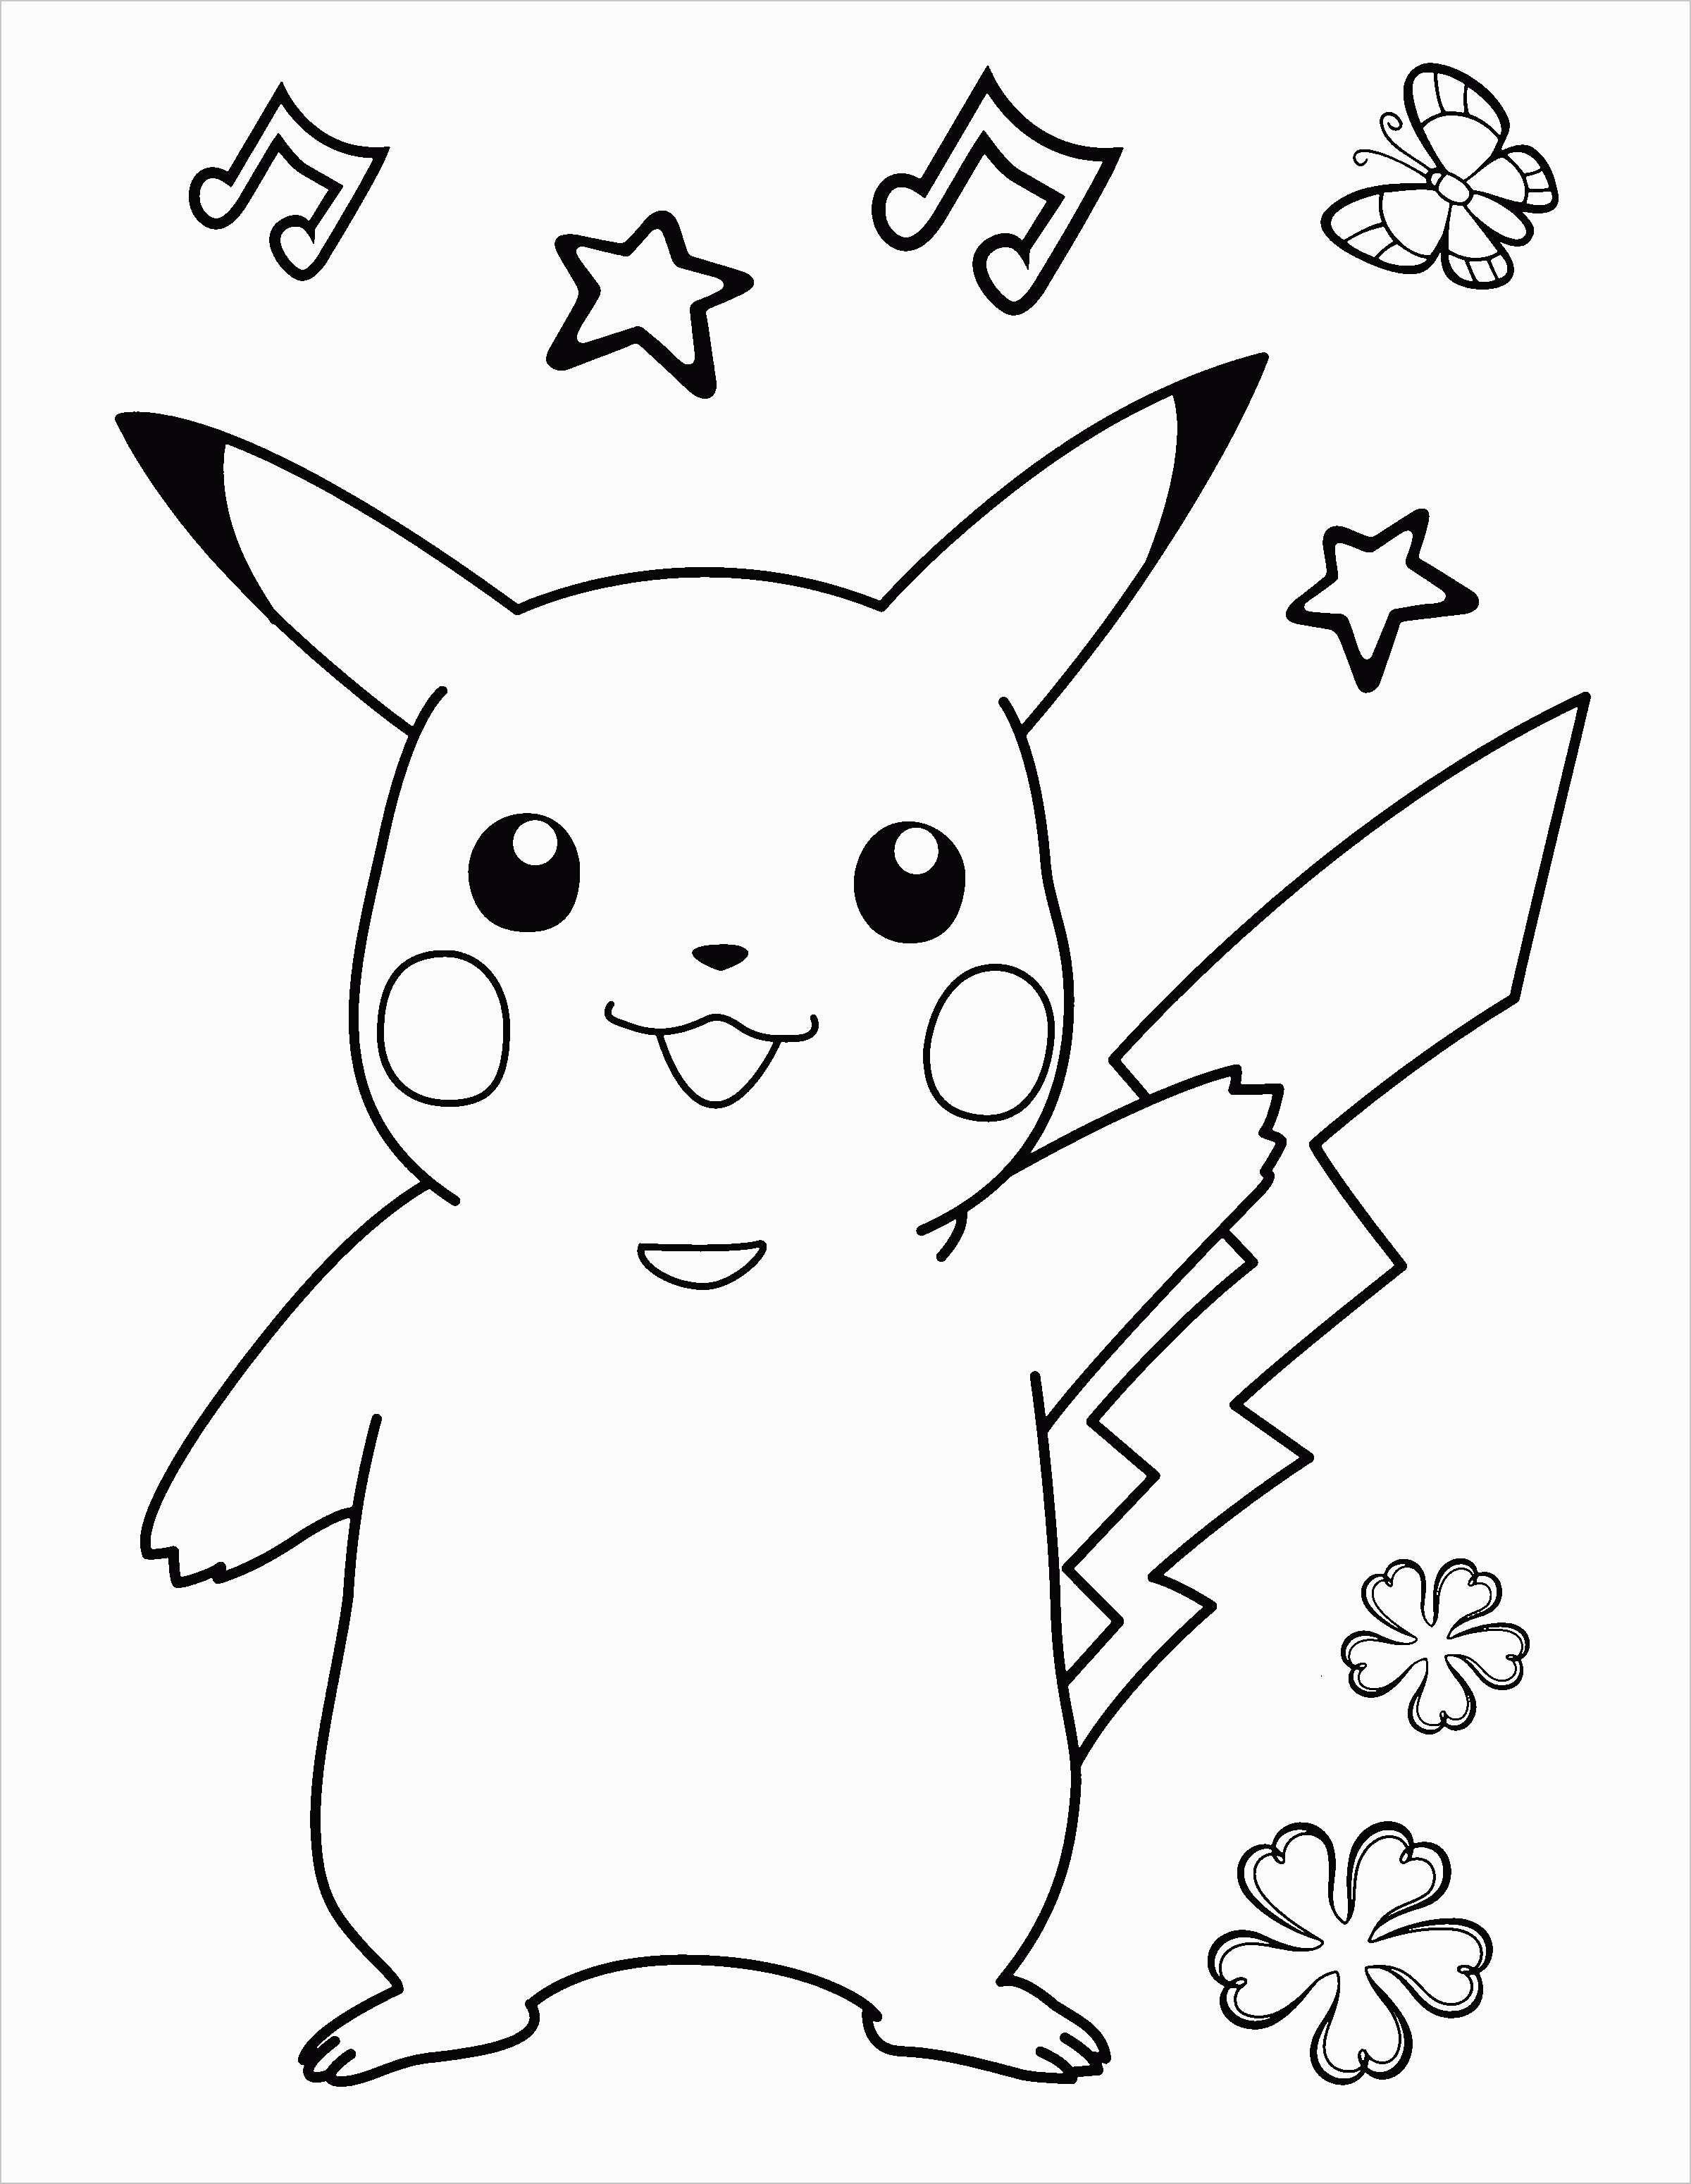 Malvorlagen Pokemon Kostenlos Frisch 65 Halt Pokemon Ausmalbilder Zum Ausdrucken Citadingue Fotografieren